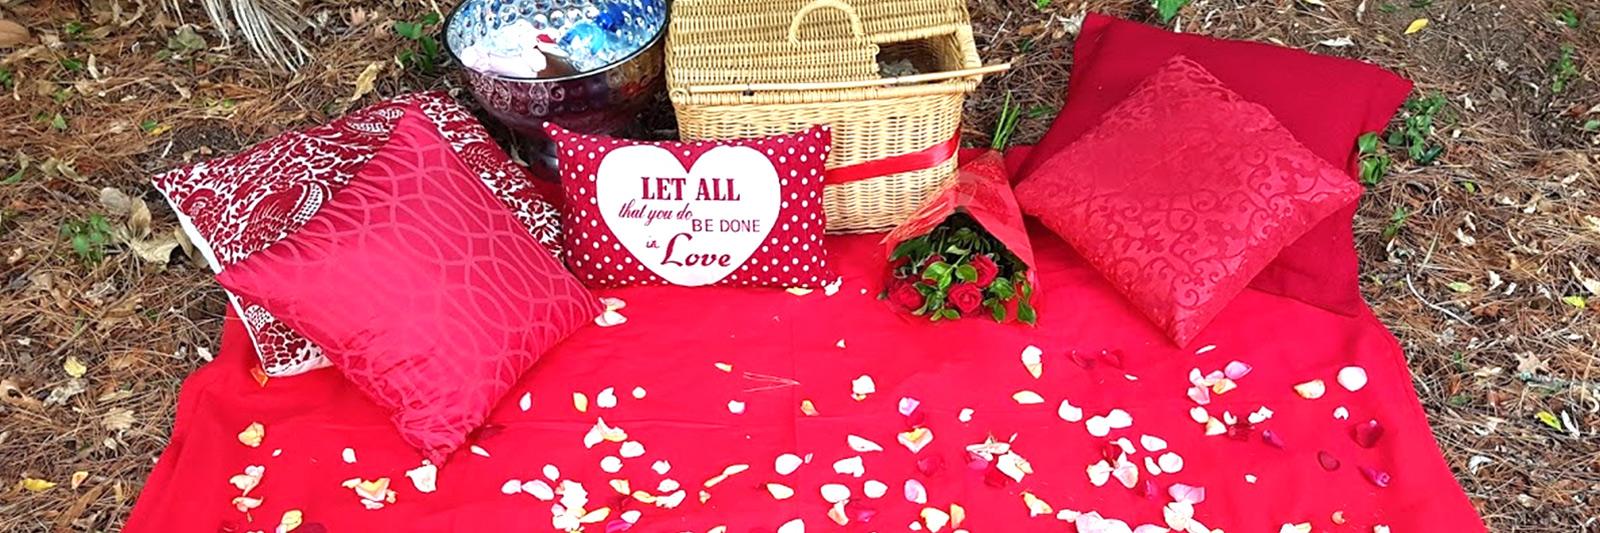 Romantic Valentines Picnic